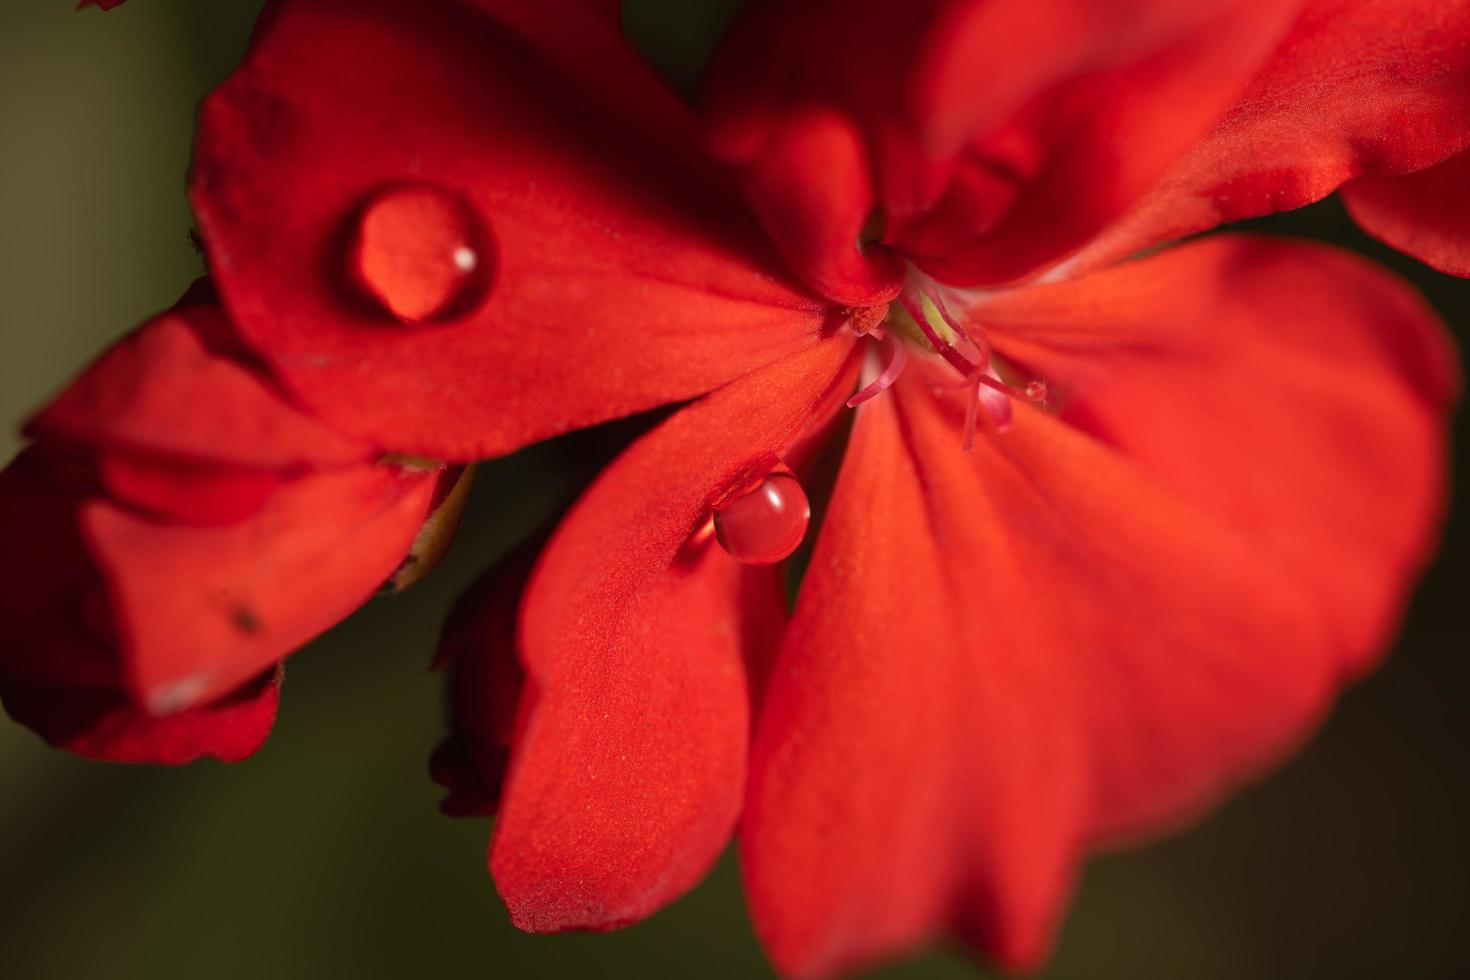 gocce di pioggia sul fiore rosso foto